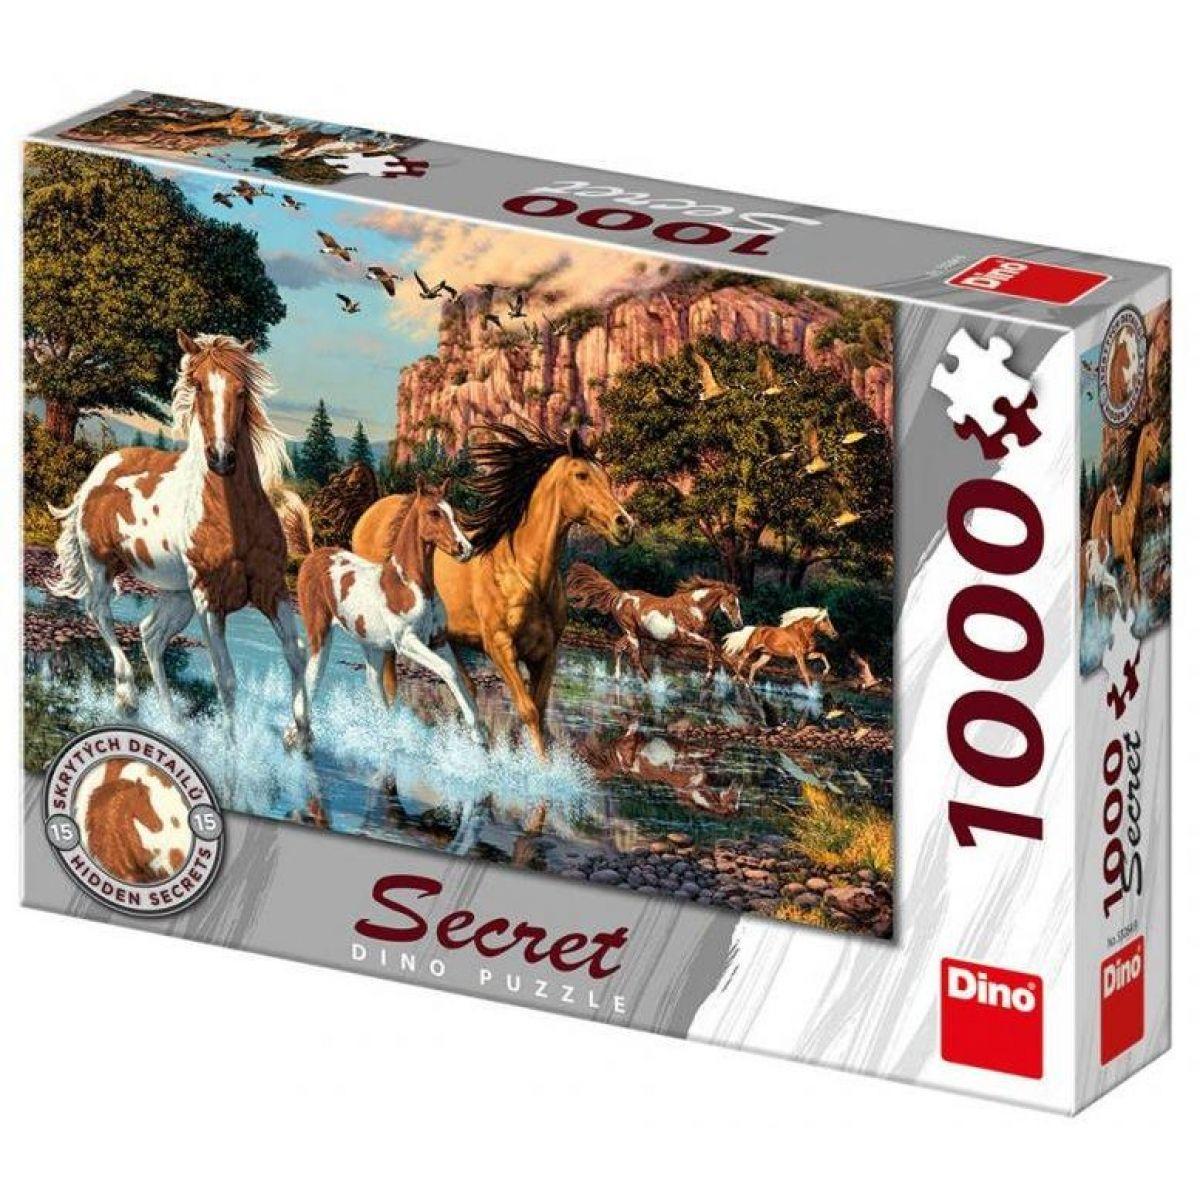 Dino Koně secret collection puzzle 1000 dílků